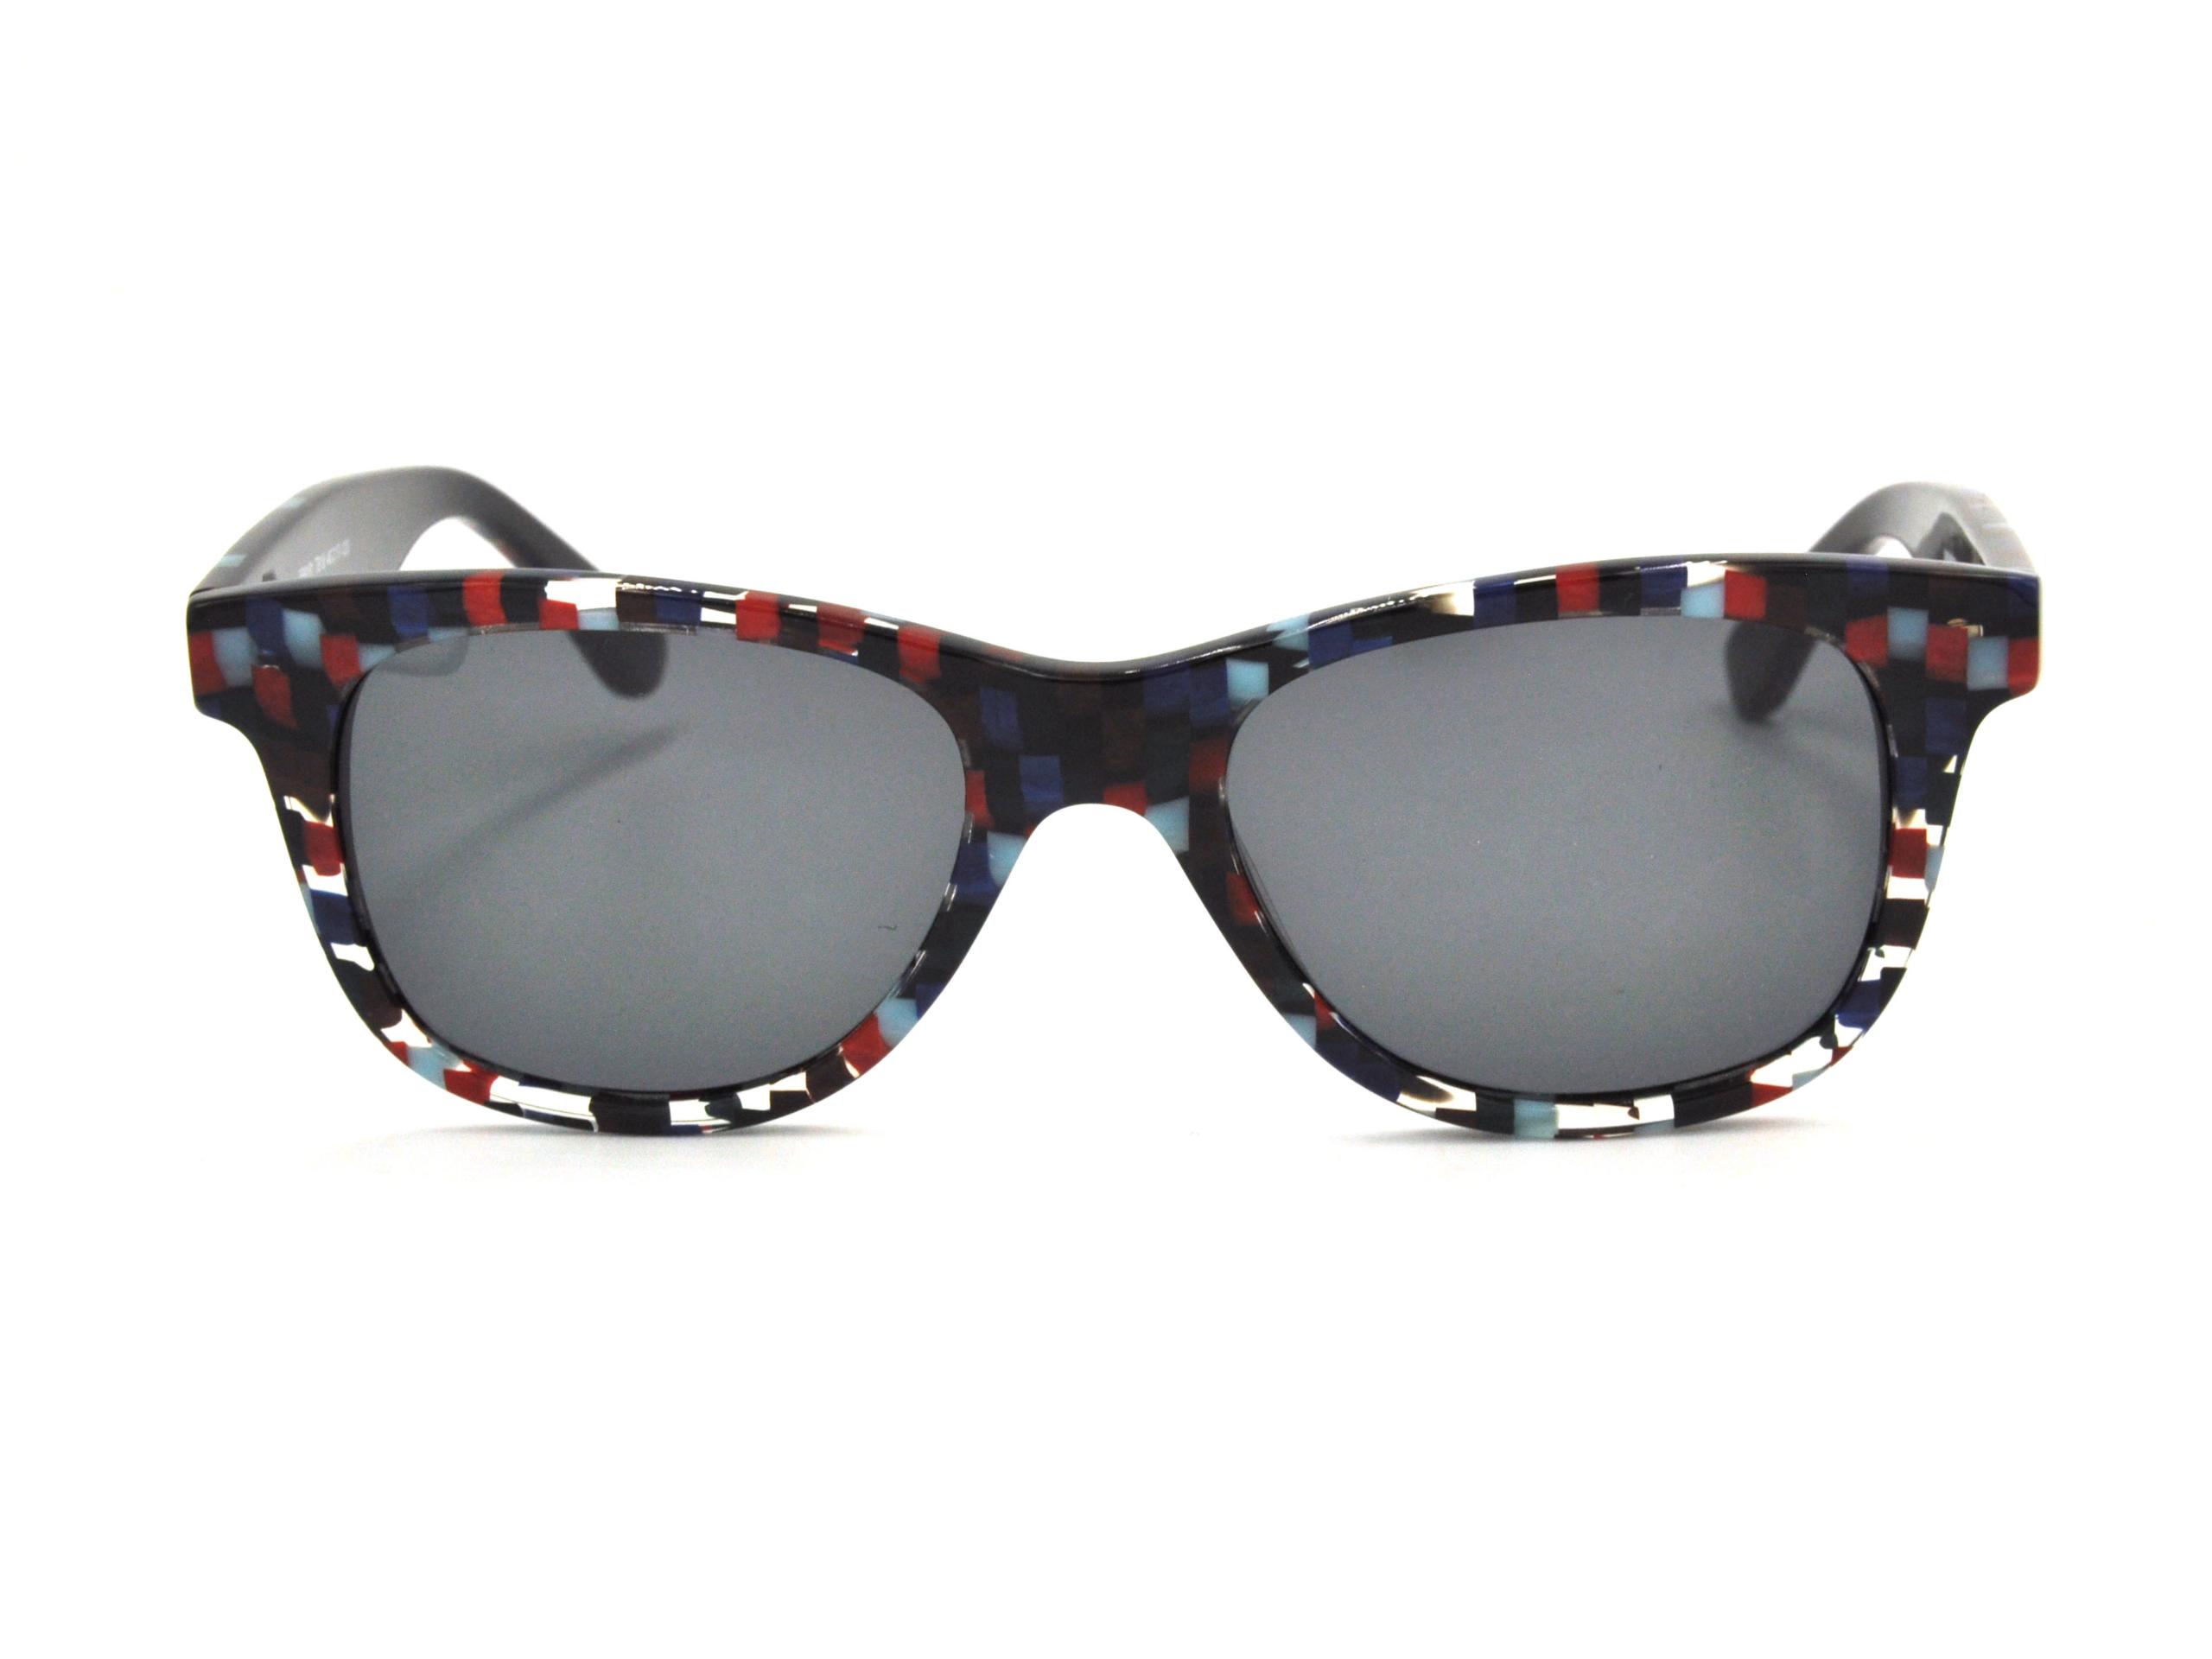 Γυαλιά ηλίου MORITZ JUNIOR BB9181 TB18 46-17-130 Πειραιάς